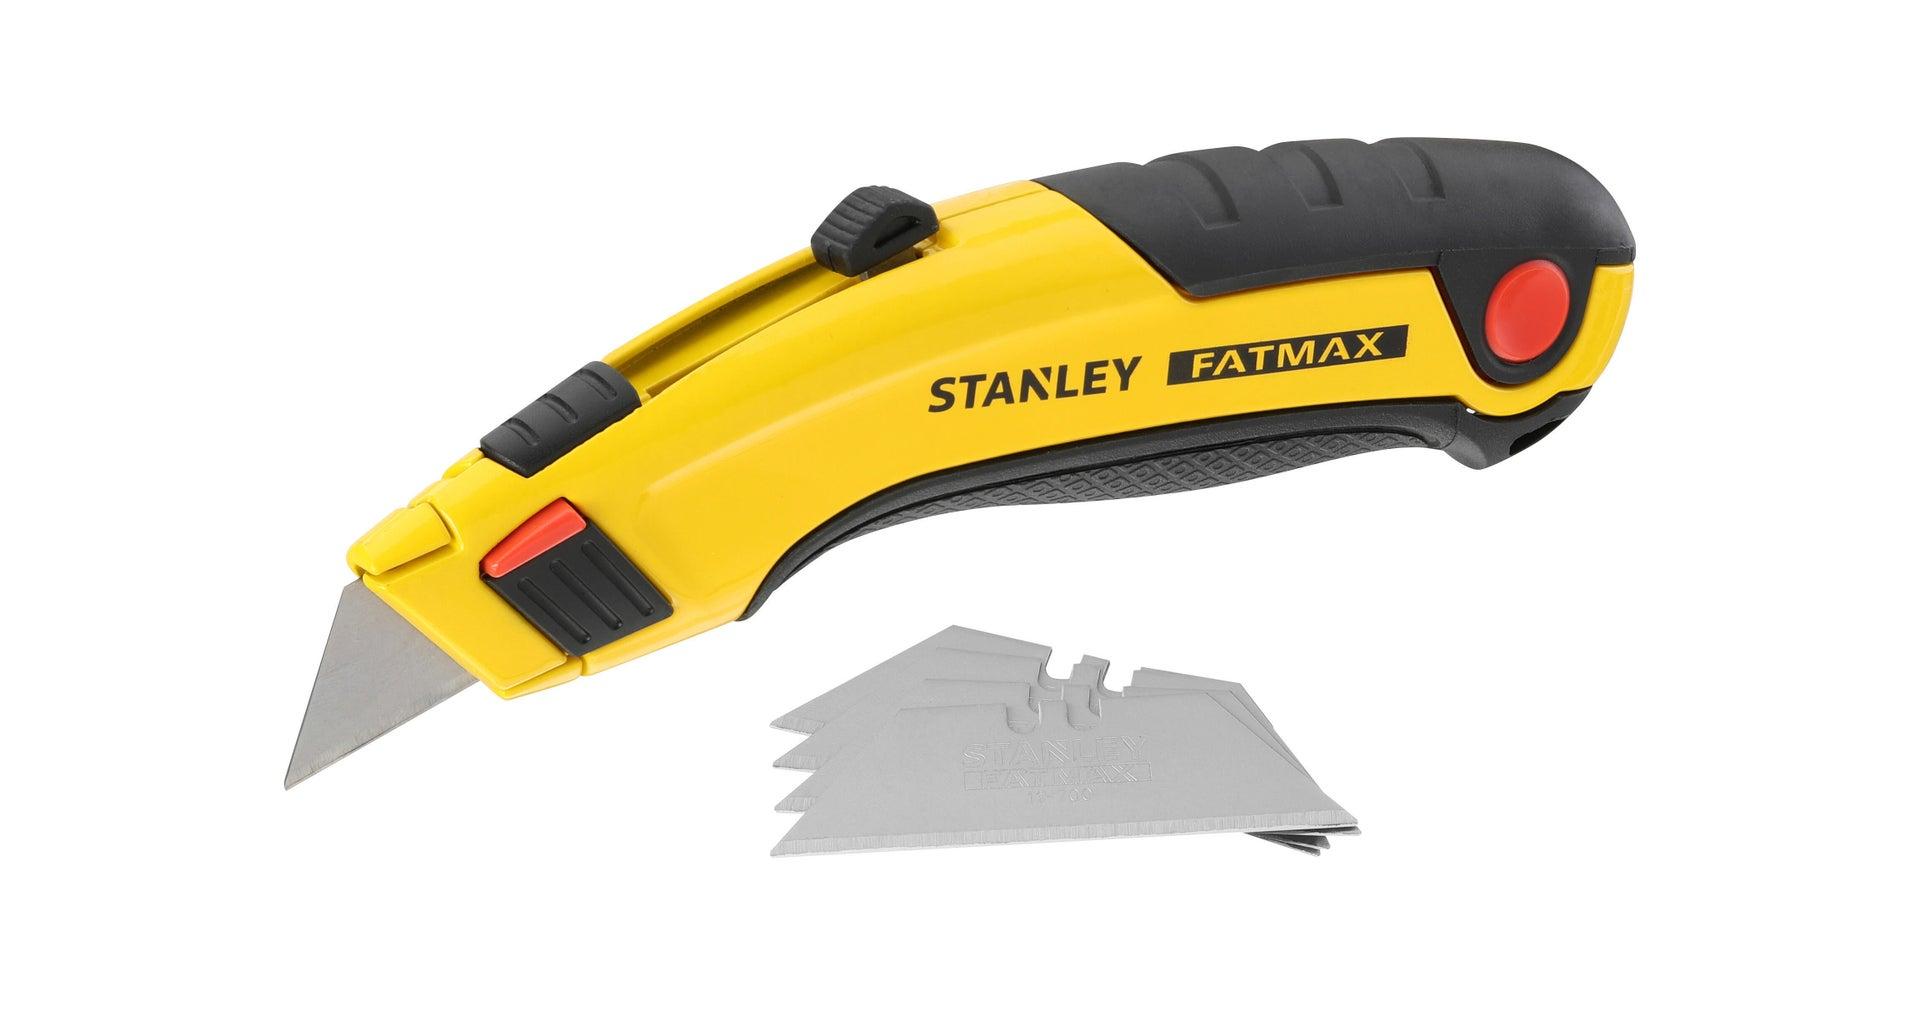 Taglierino STANLEY FATMAX lama da 0 a 16 cm - 2